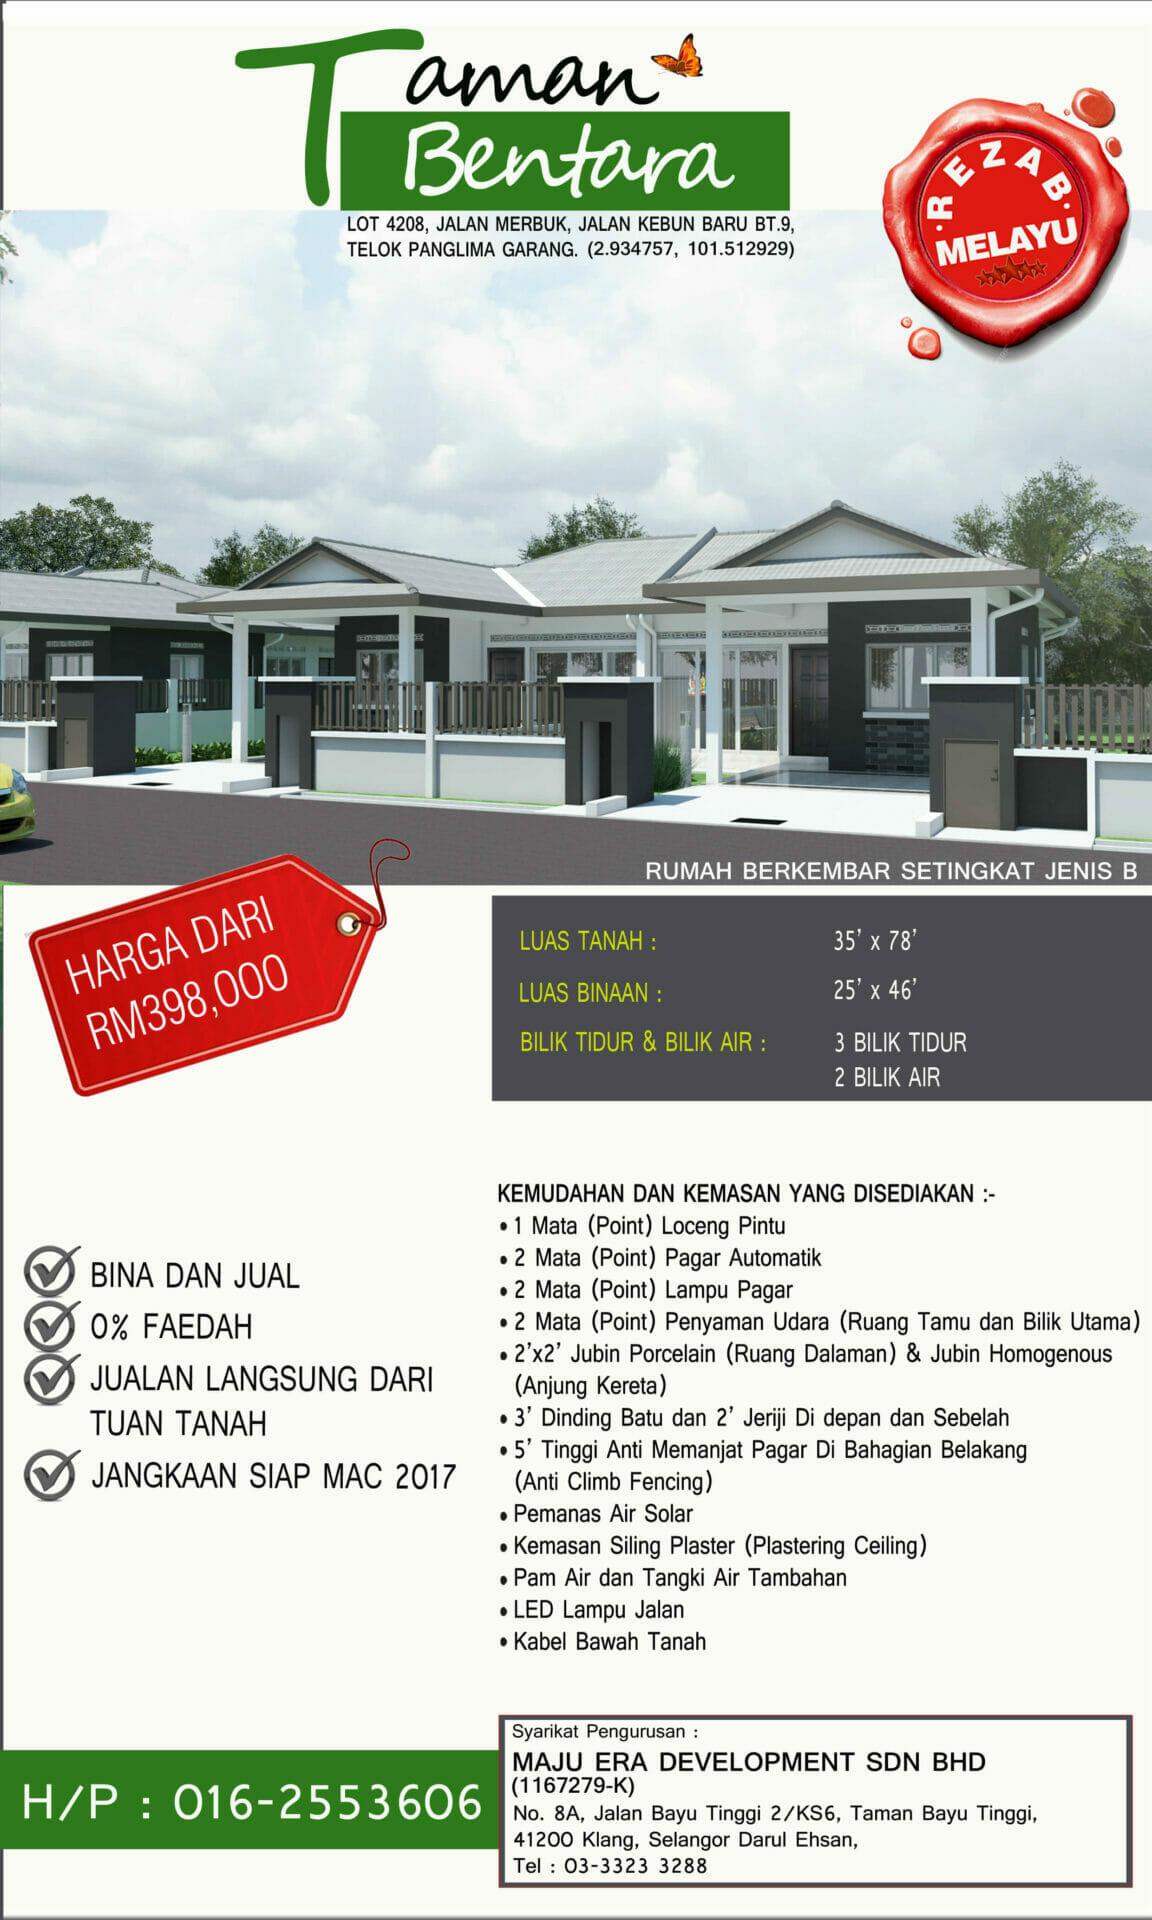 Lot 4208 Taman Bentara, Teluk Panglima Garang 53